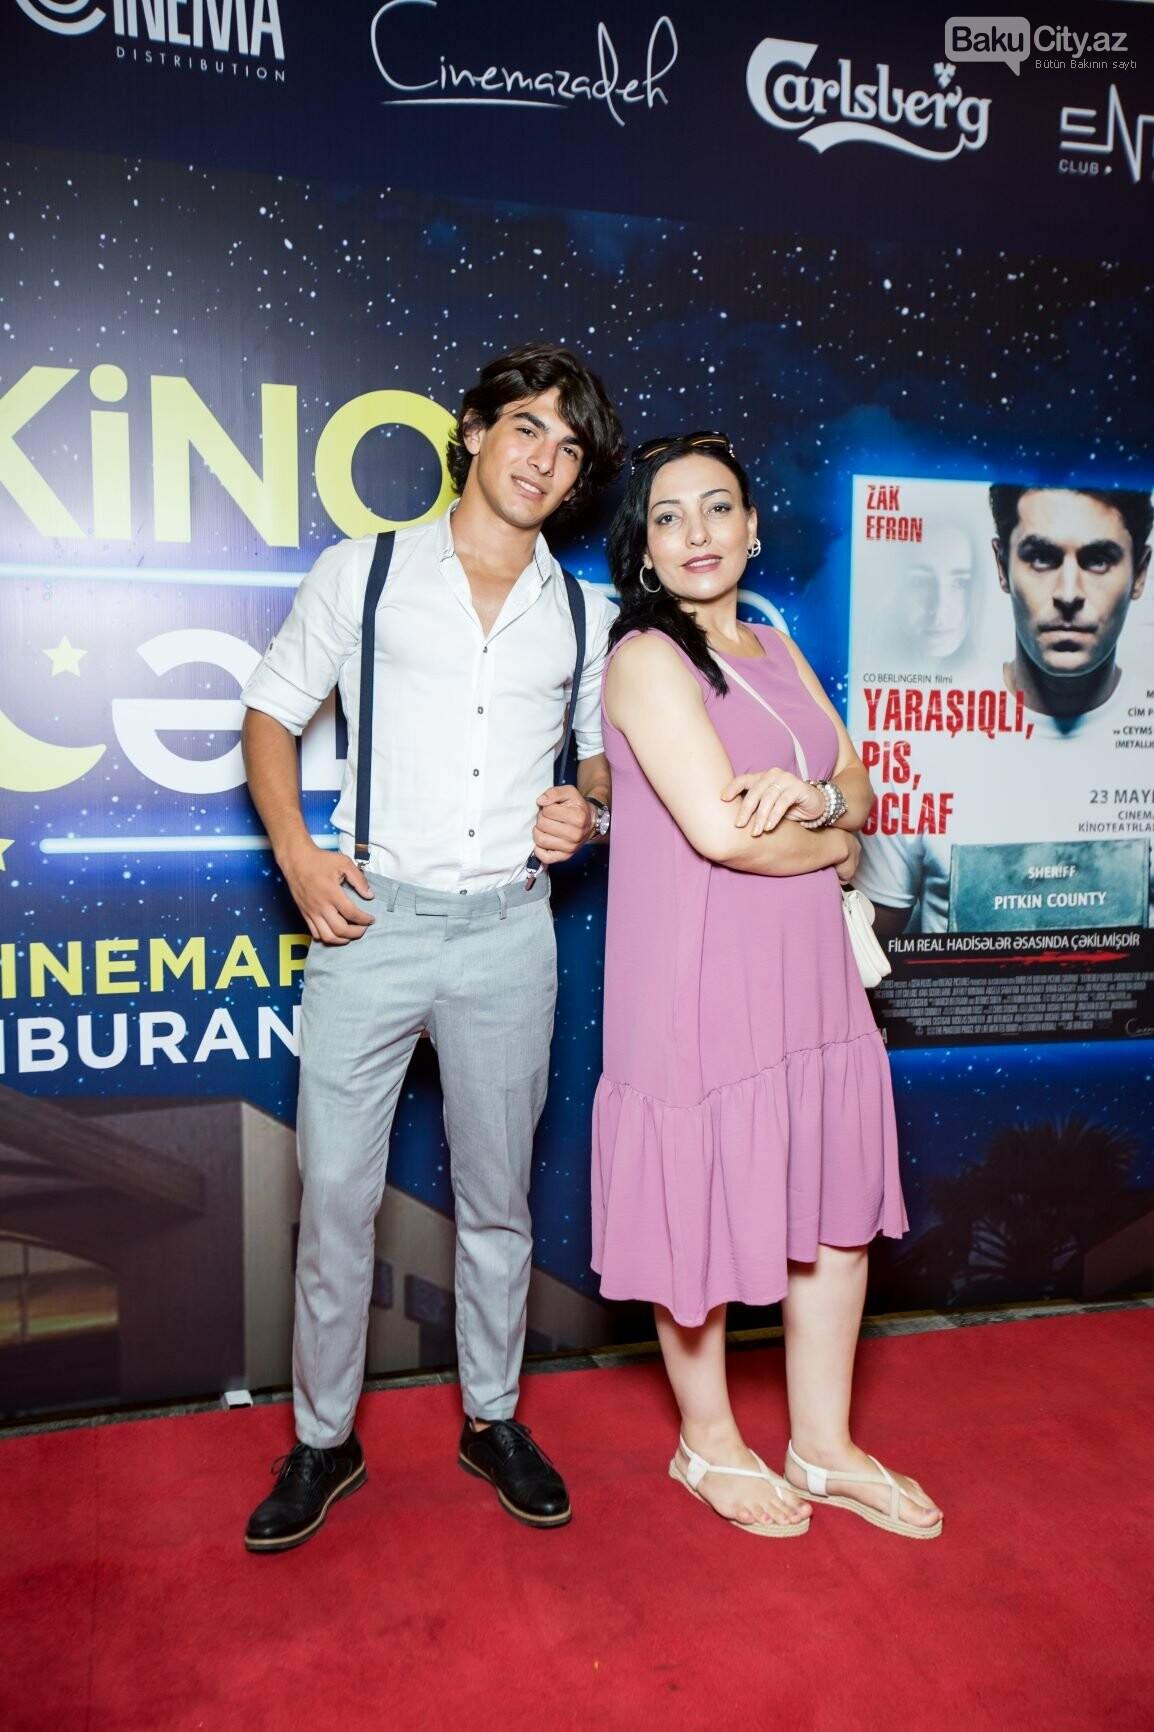 """Bakıda üç filmin nümayişi ilə """"Kino Gecəsi"""" keçirildi - FOTO, fotoşəkil-13"""